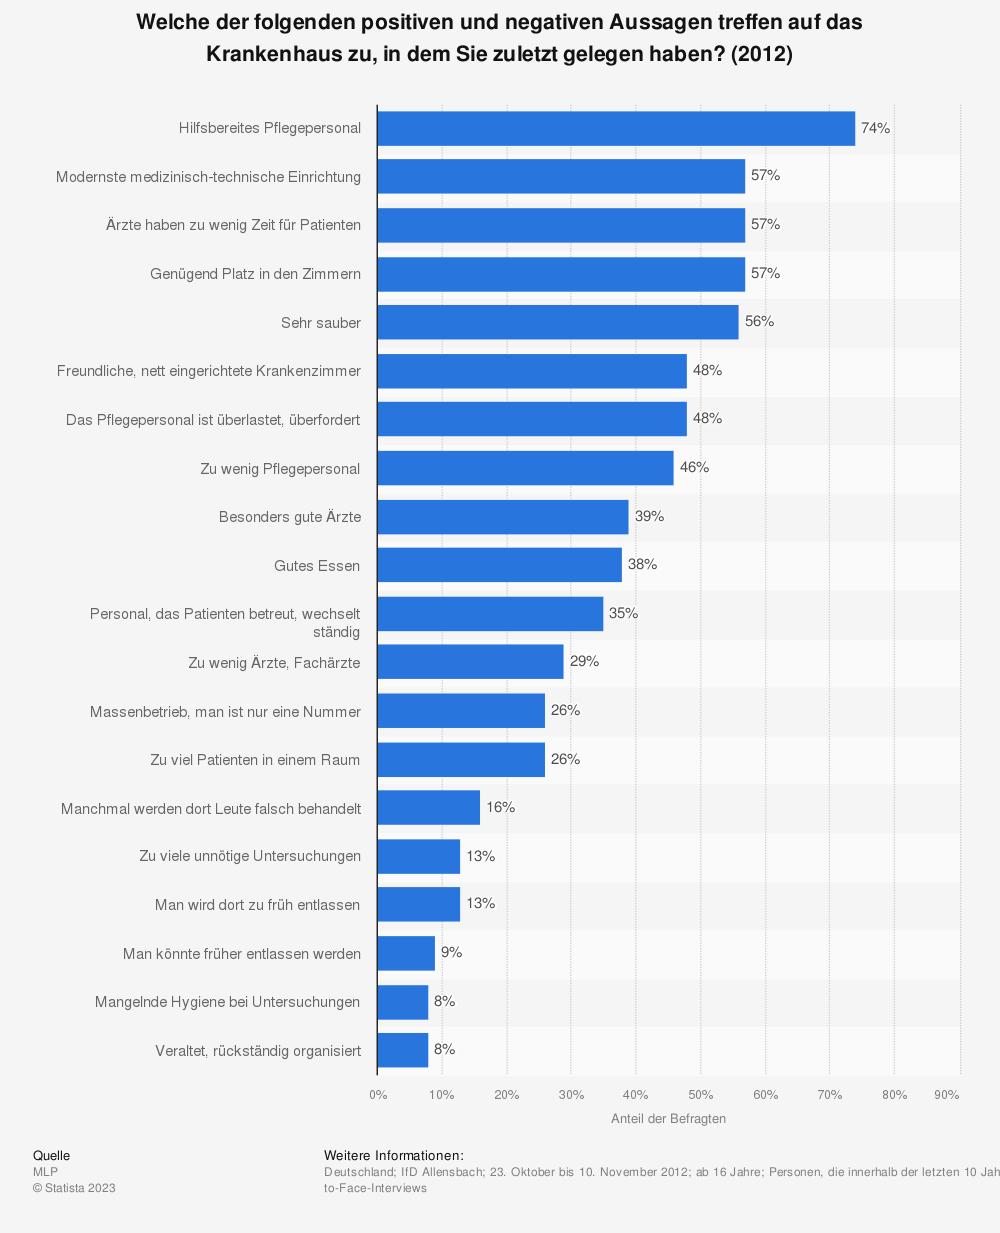 Statistik: Welche der folgenden positiven und negativen Aussagen treffen auf das Krankenhaus zu, in dem Sie zuletzt gelegen haben? (2012) | Statista